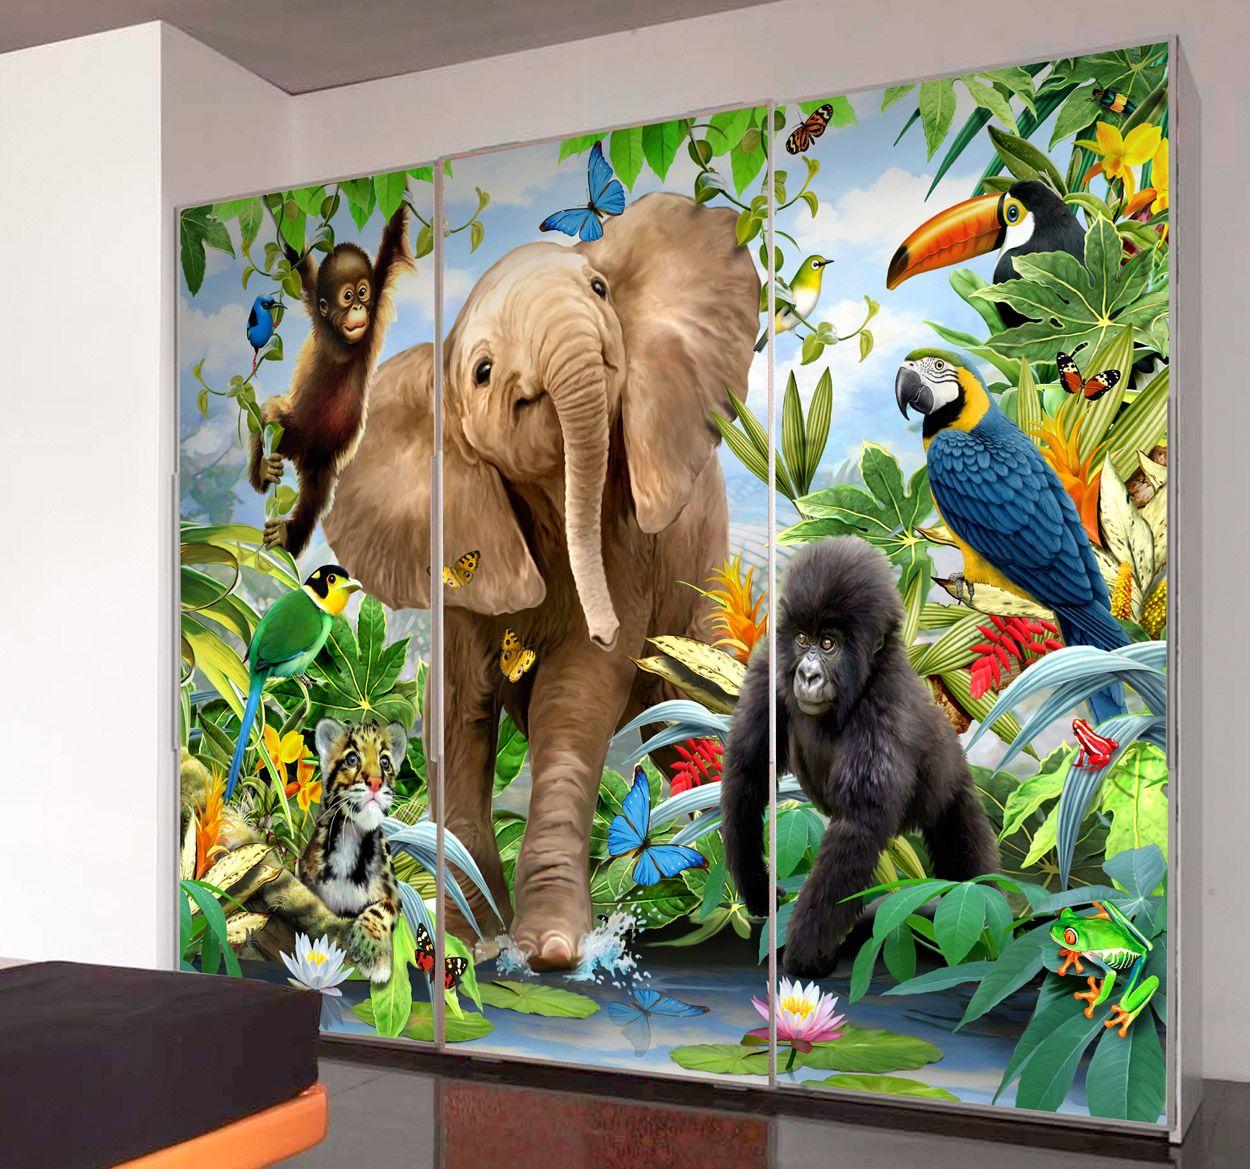 Jungle Wall Mural Jungle wall mural, Wall murals, Jungle